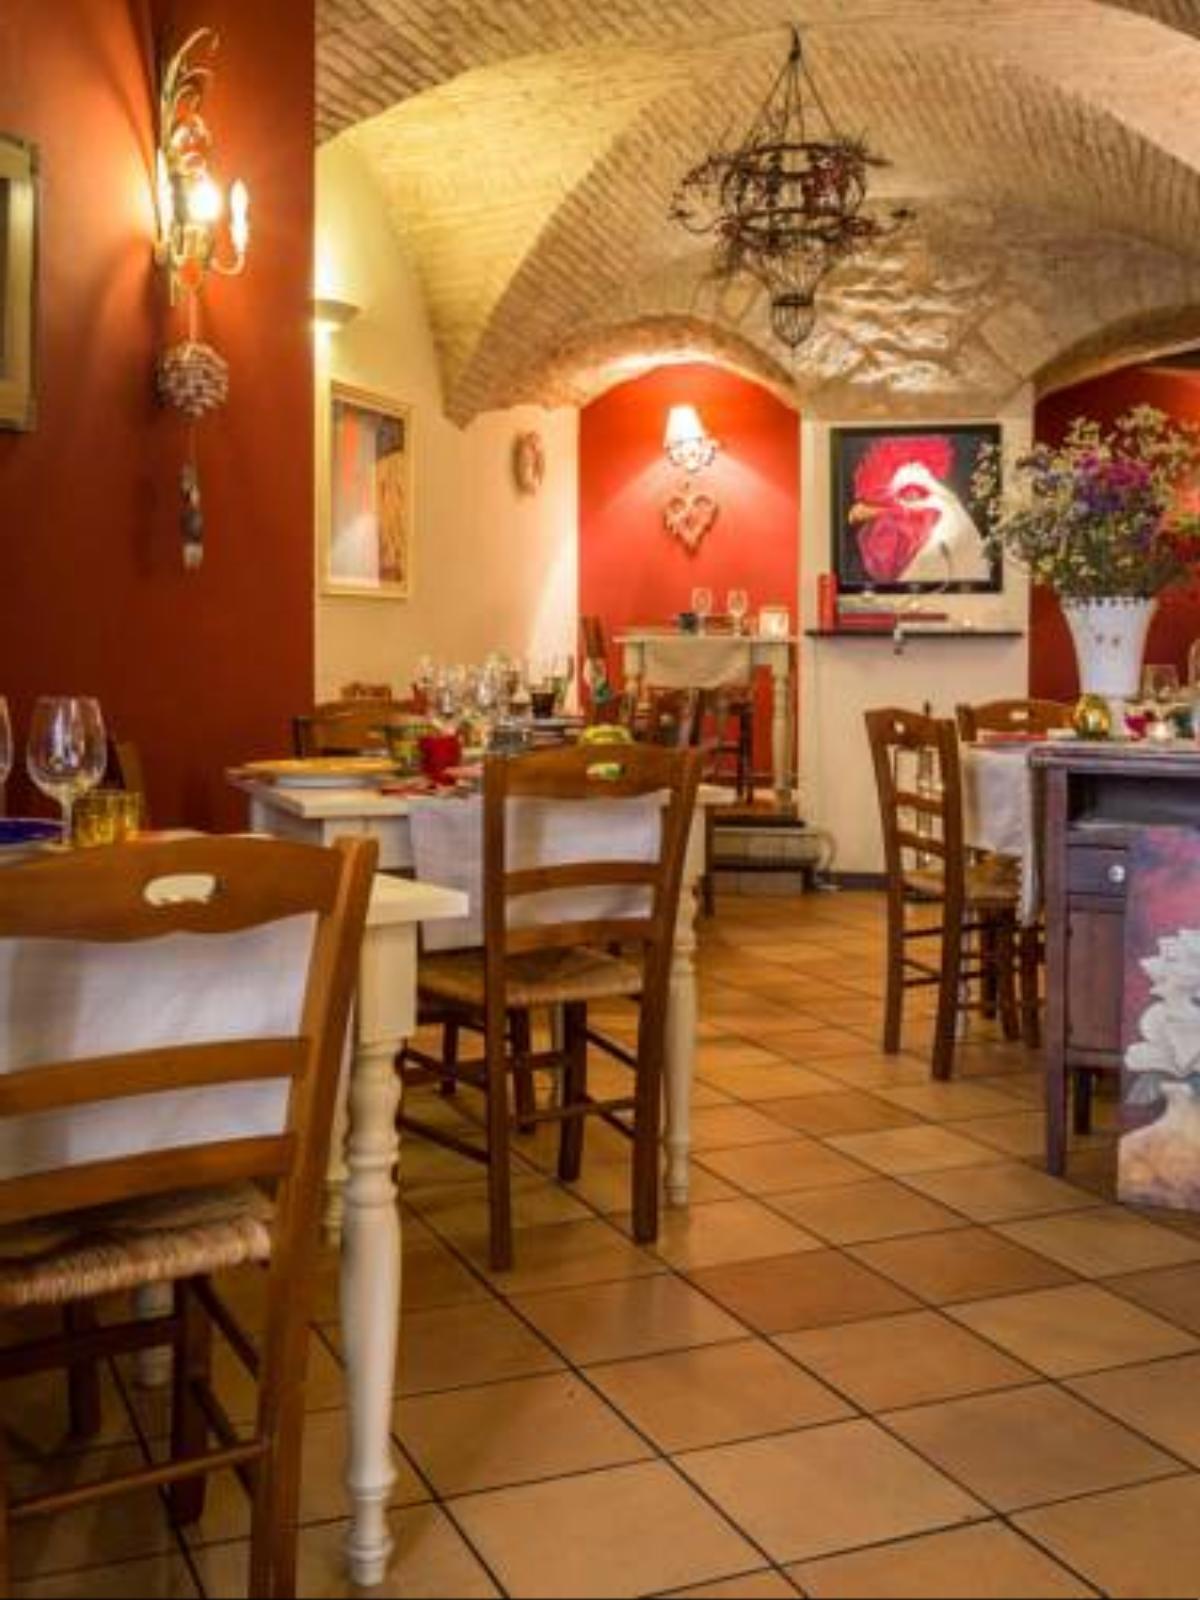 Hotel Lieto Soggiorno Hotel Assisi Italy Overview